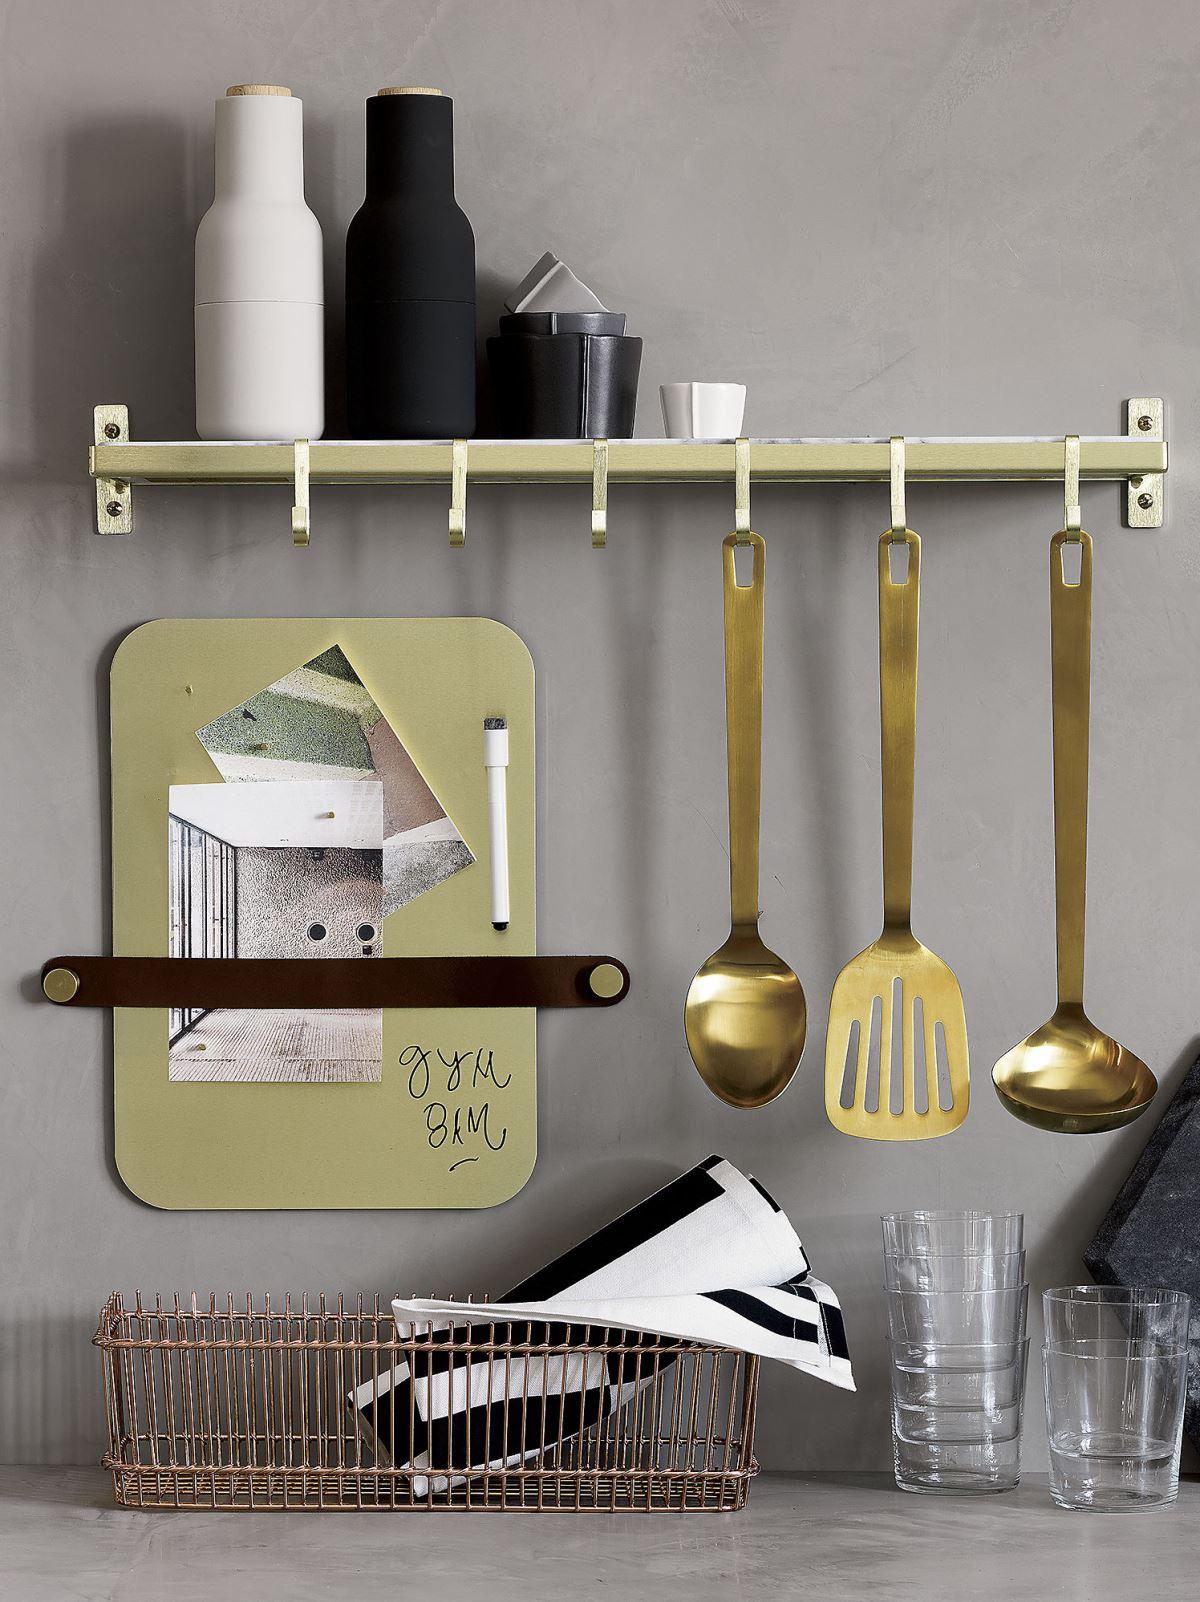 Кухня в сером цвете: полка для кухонных принадлежностей